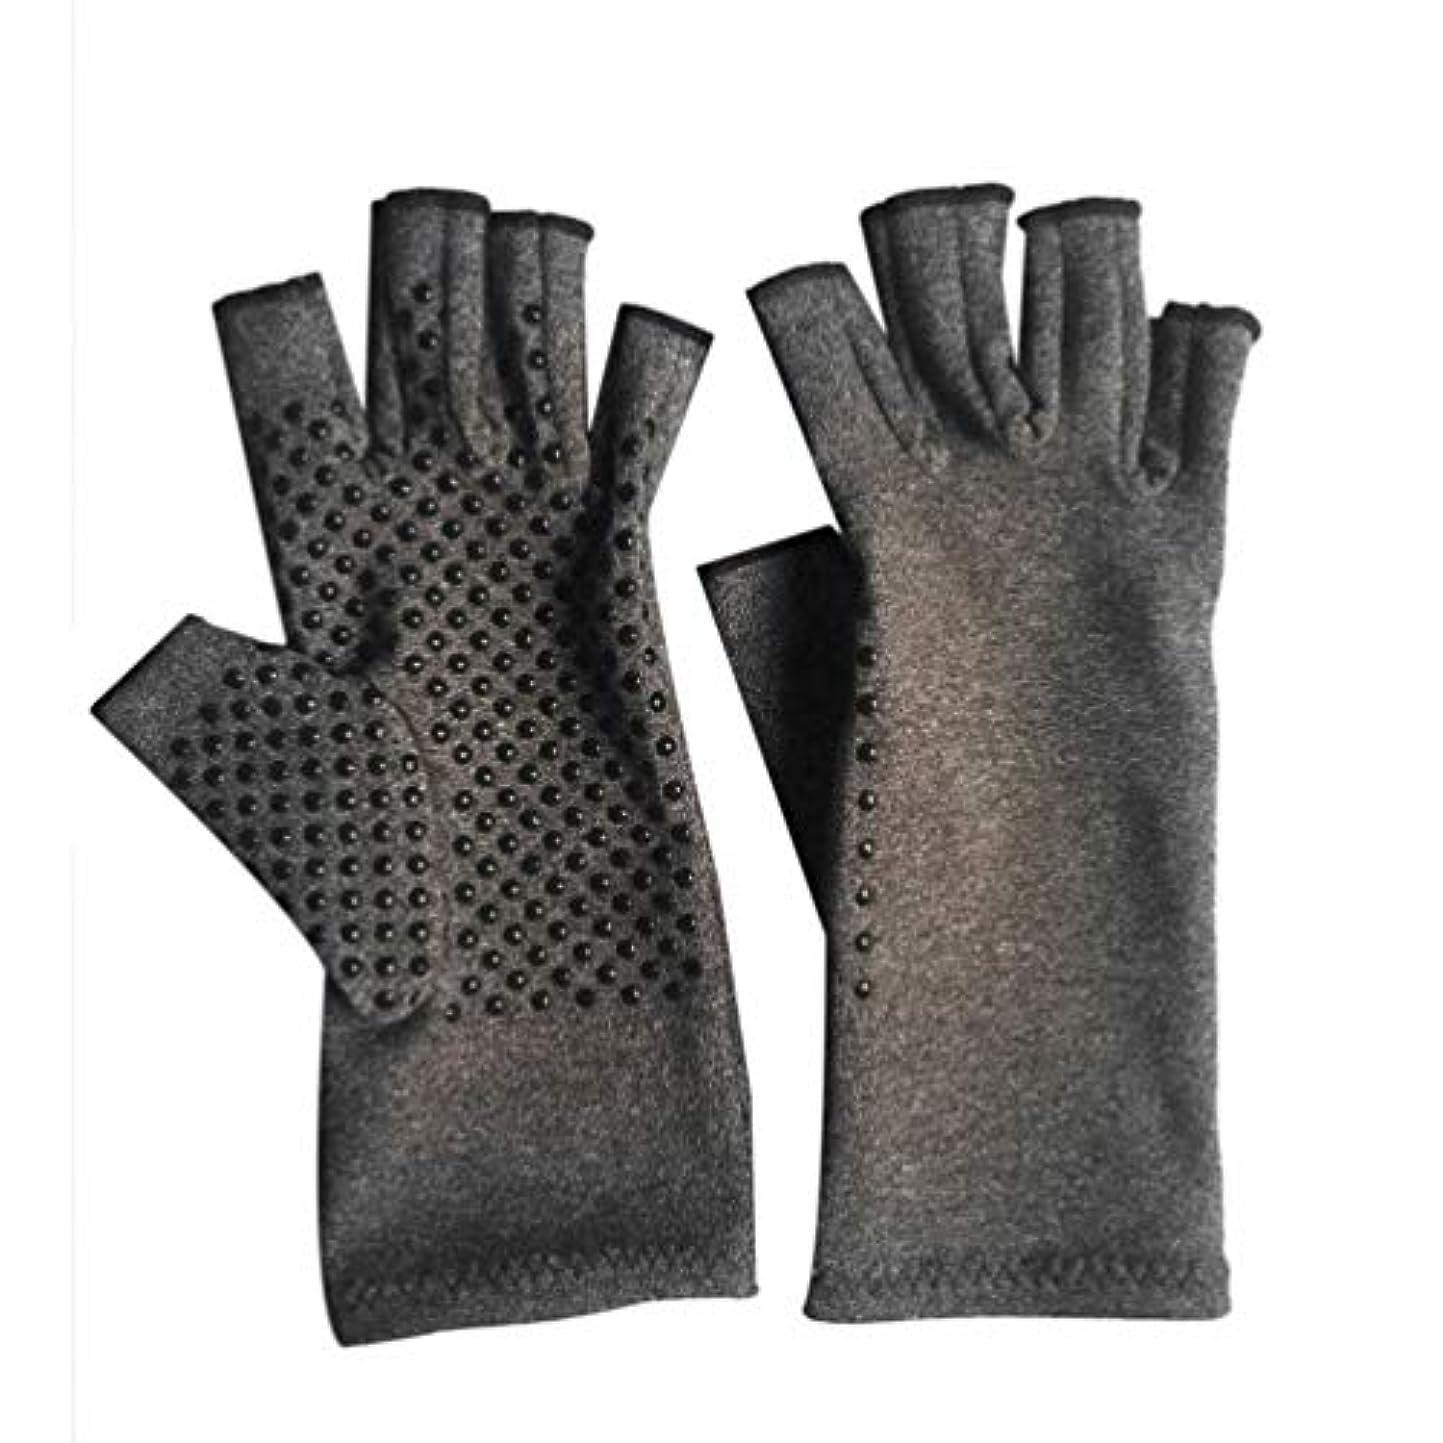 ひねり家事前提条件1ペアユニセックス男性女性療法圧縮手袋関節炎関節痛緩和ヘルスケア半指手袋トレーニング手袋 - グレーM